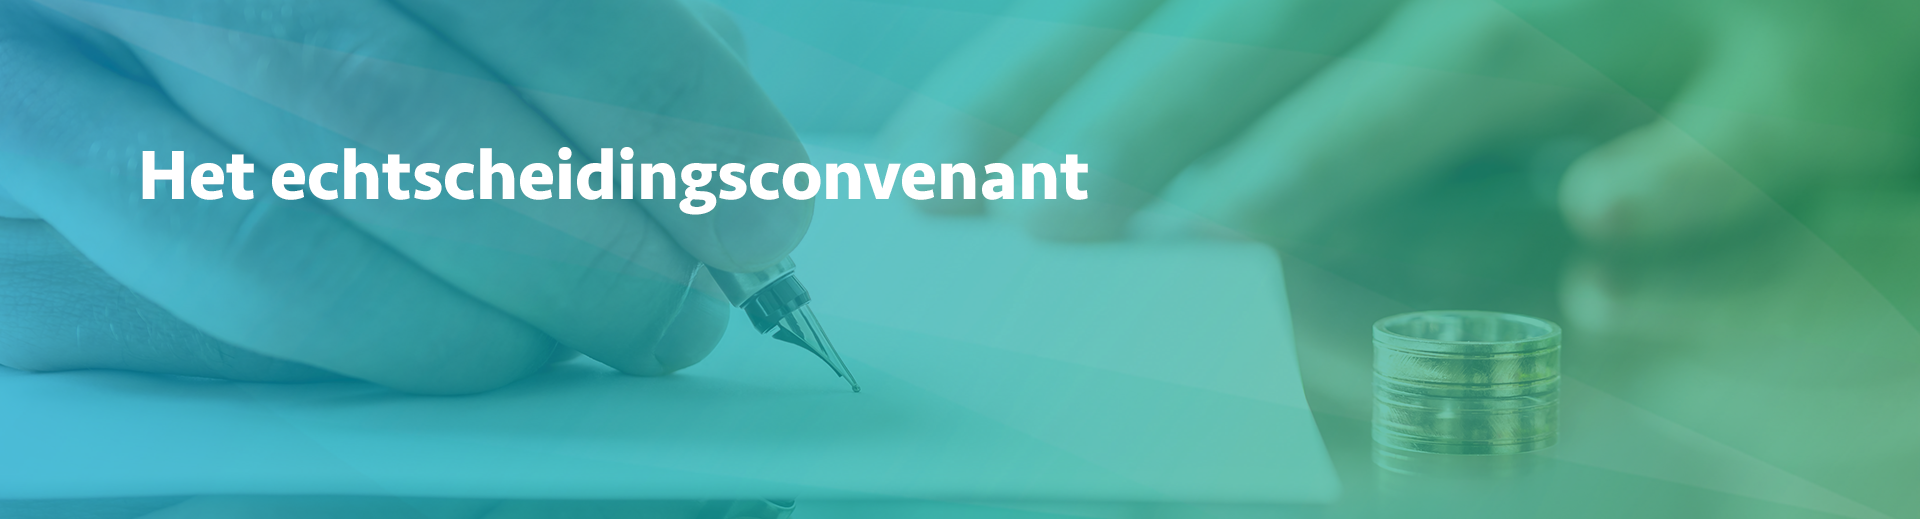 Het echtscheidingsconvenant - Scheidingsplanner Hilversum - Bilthoven - Soest - Het Gooi